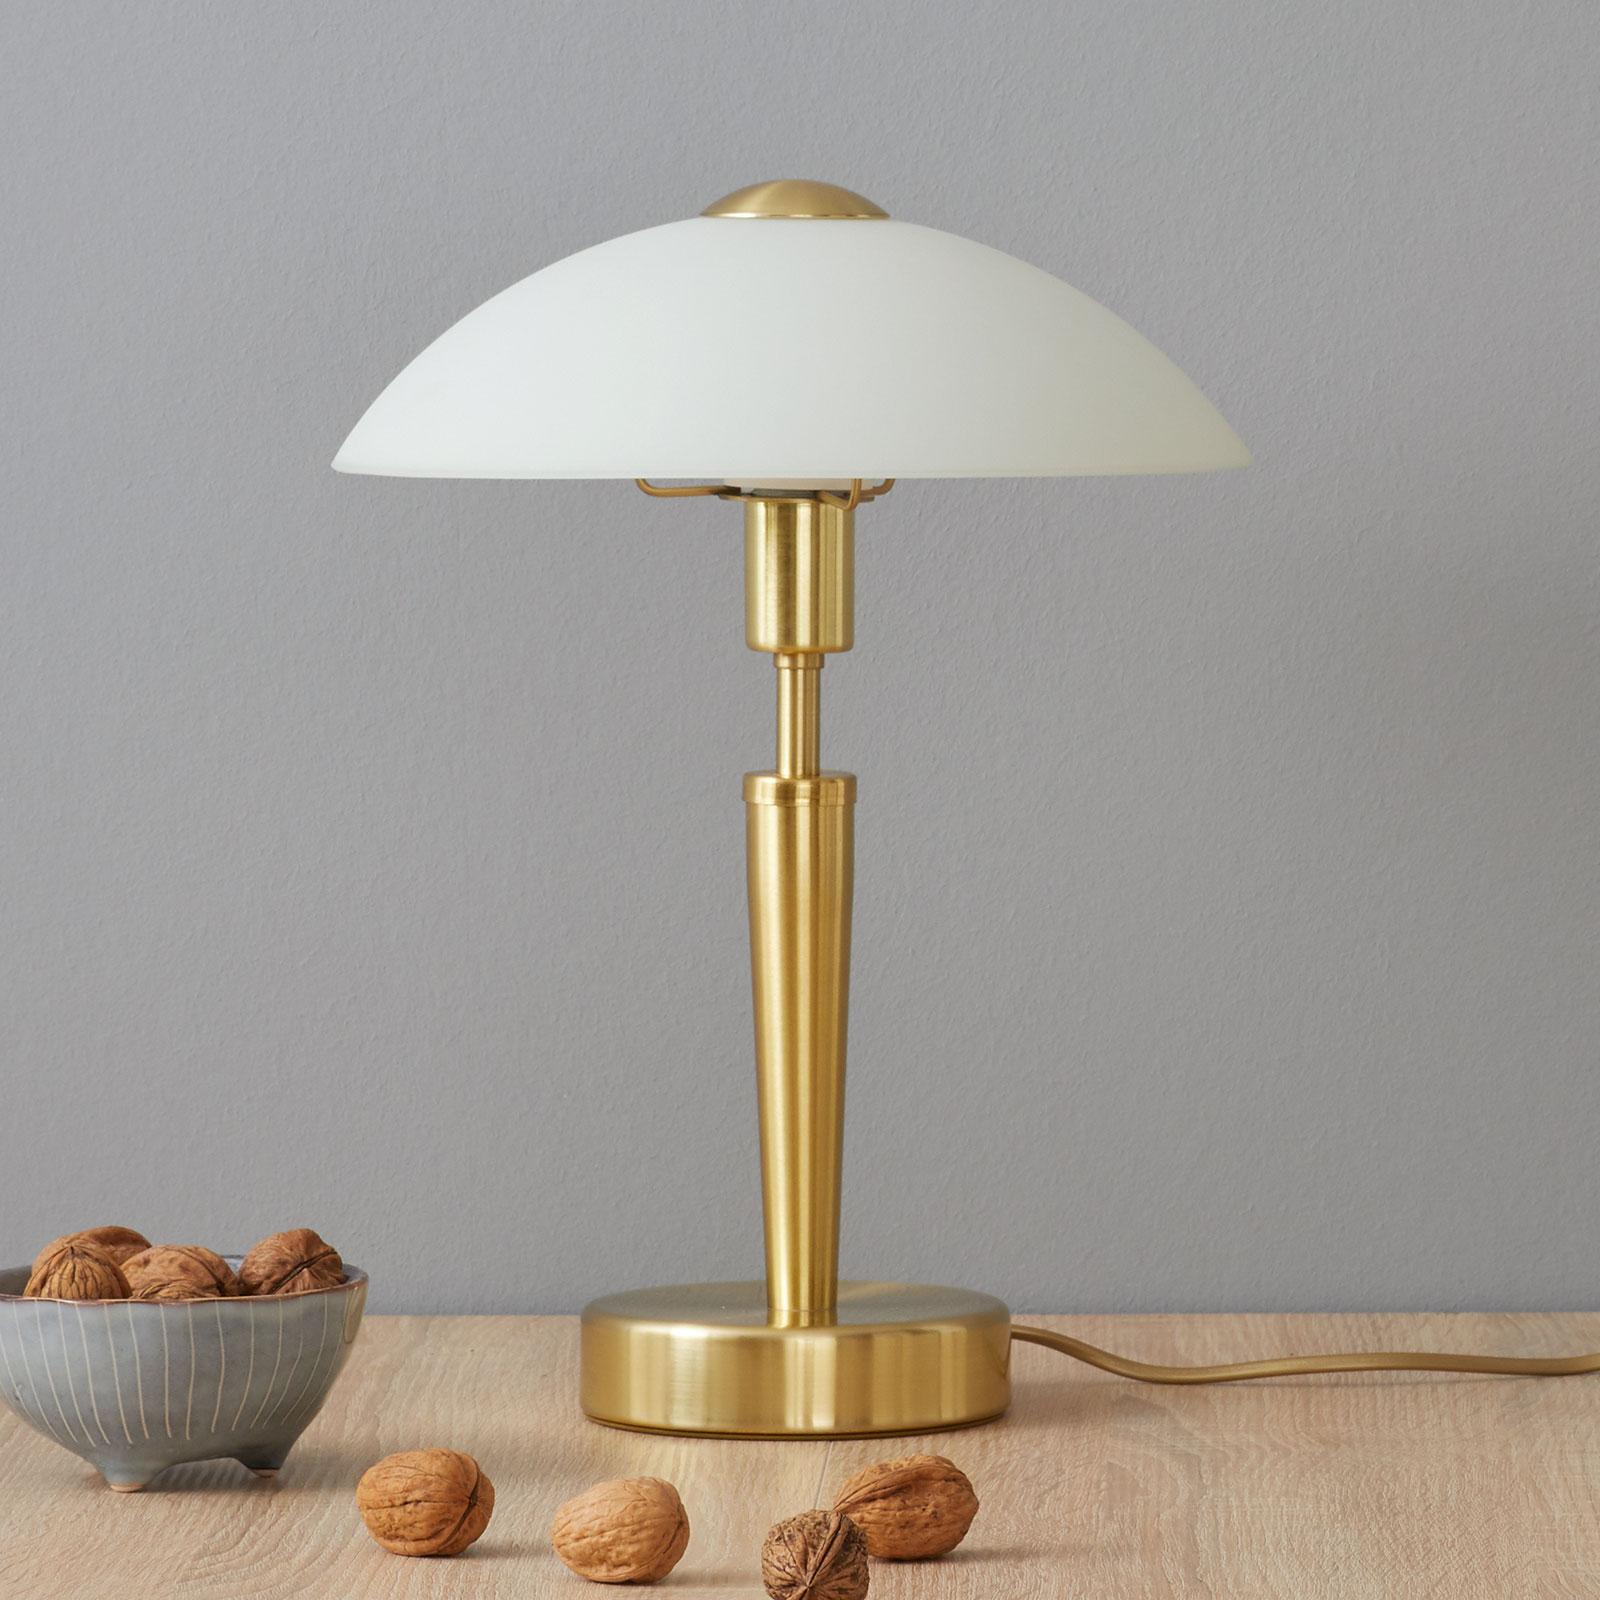 Elegante tafellamp Salut messing wit